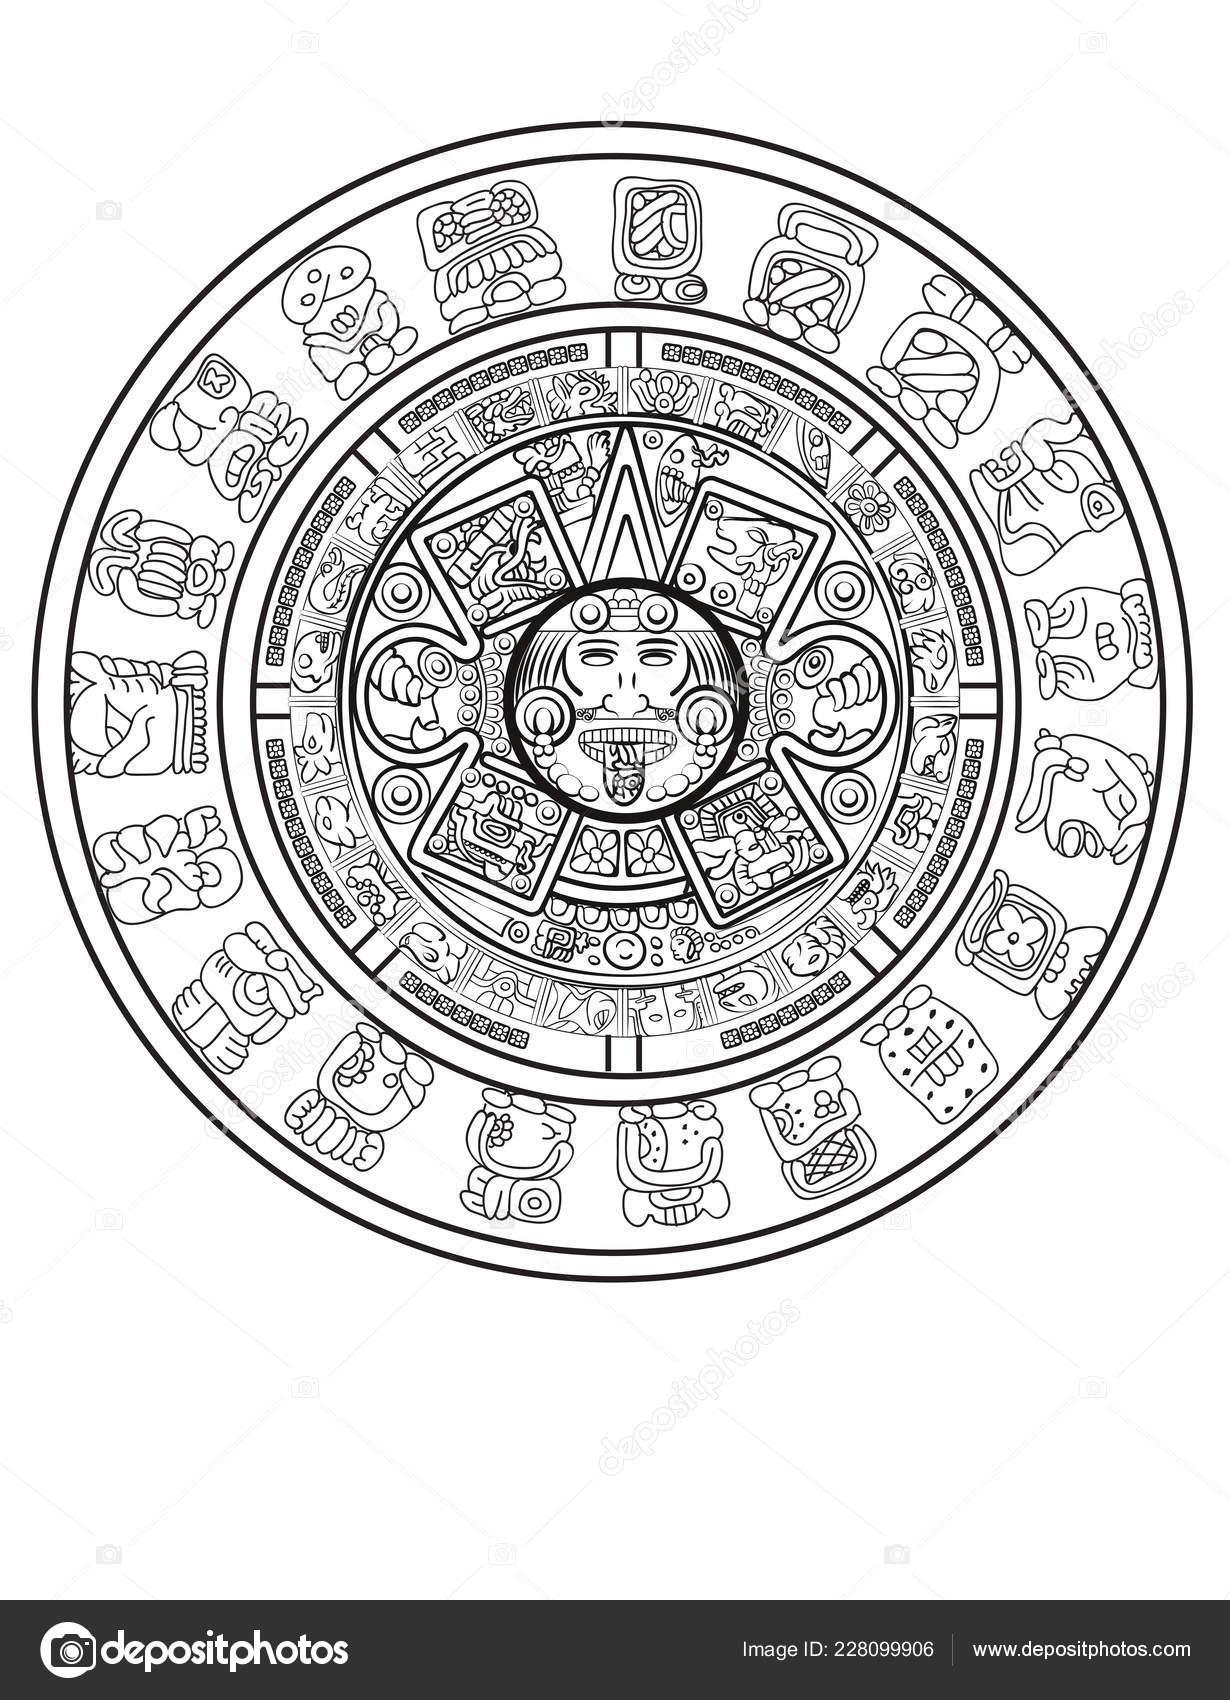 ᐈ Aztec Calendar Symbols Stock Vectors, Royalty Free Aztec inside Aztec Calendar Template